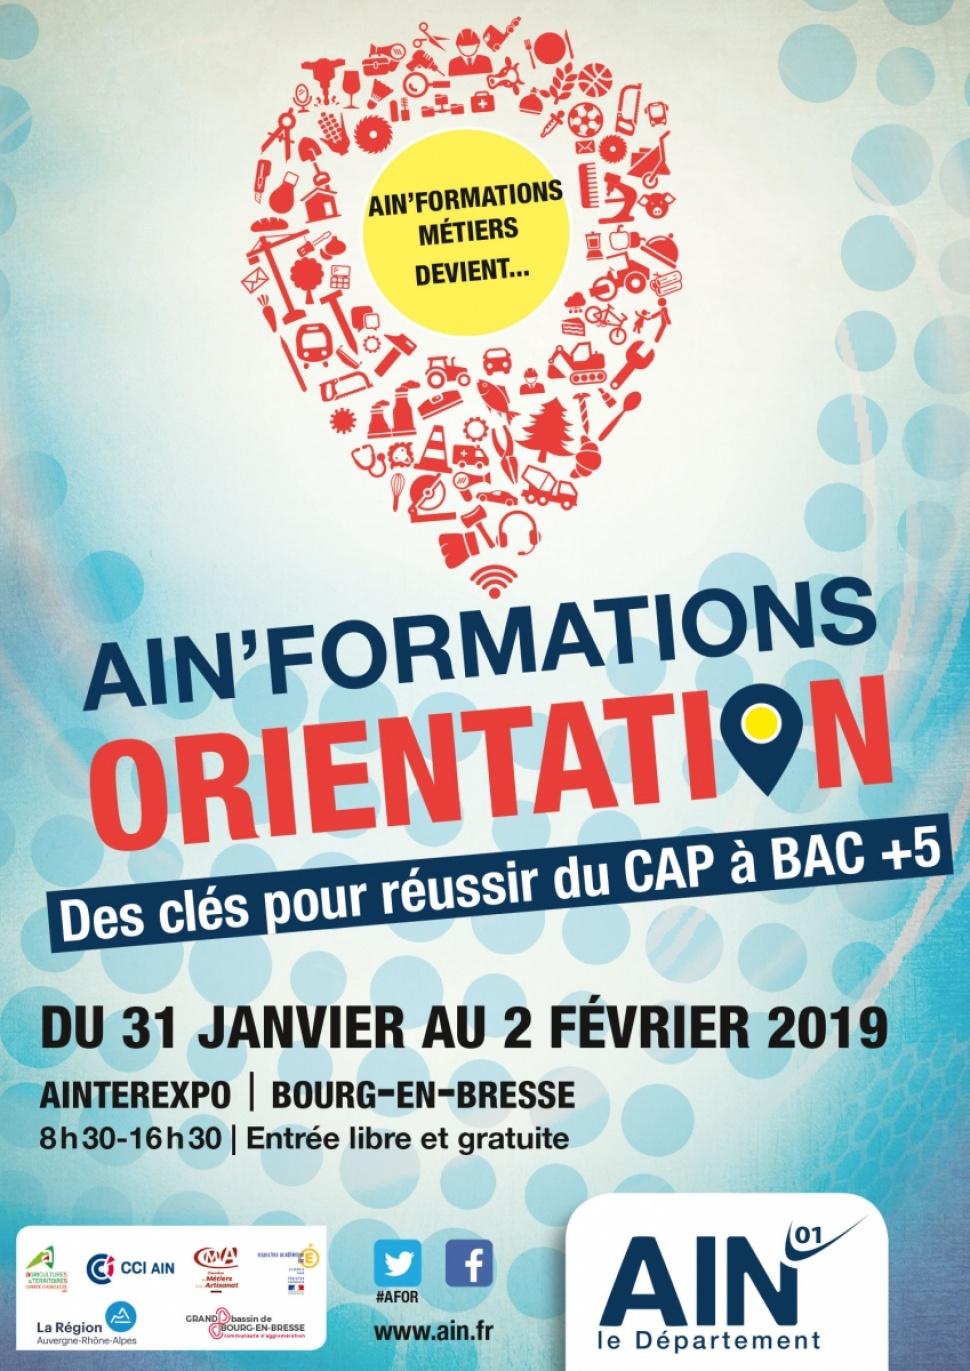 [CMA 01] - AIN'FORMATIONS ORIENTATION DU 31 JANVIER AU 02 FEVRIER